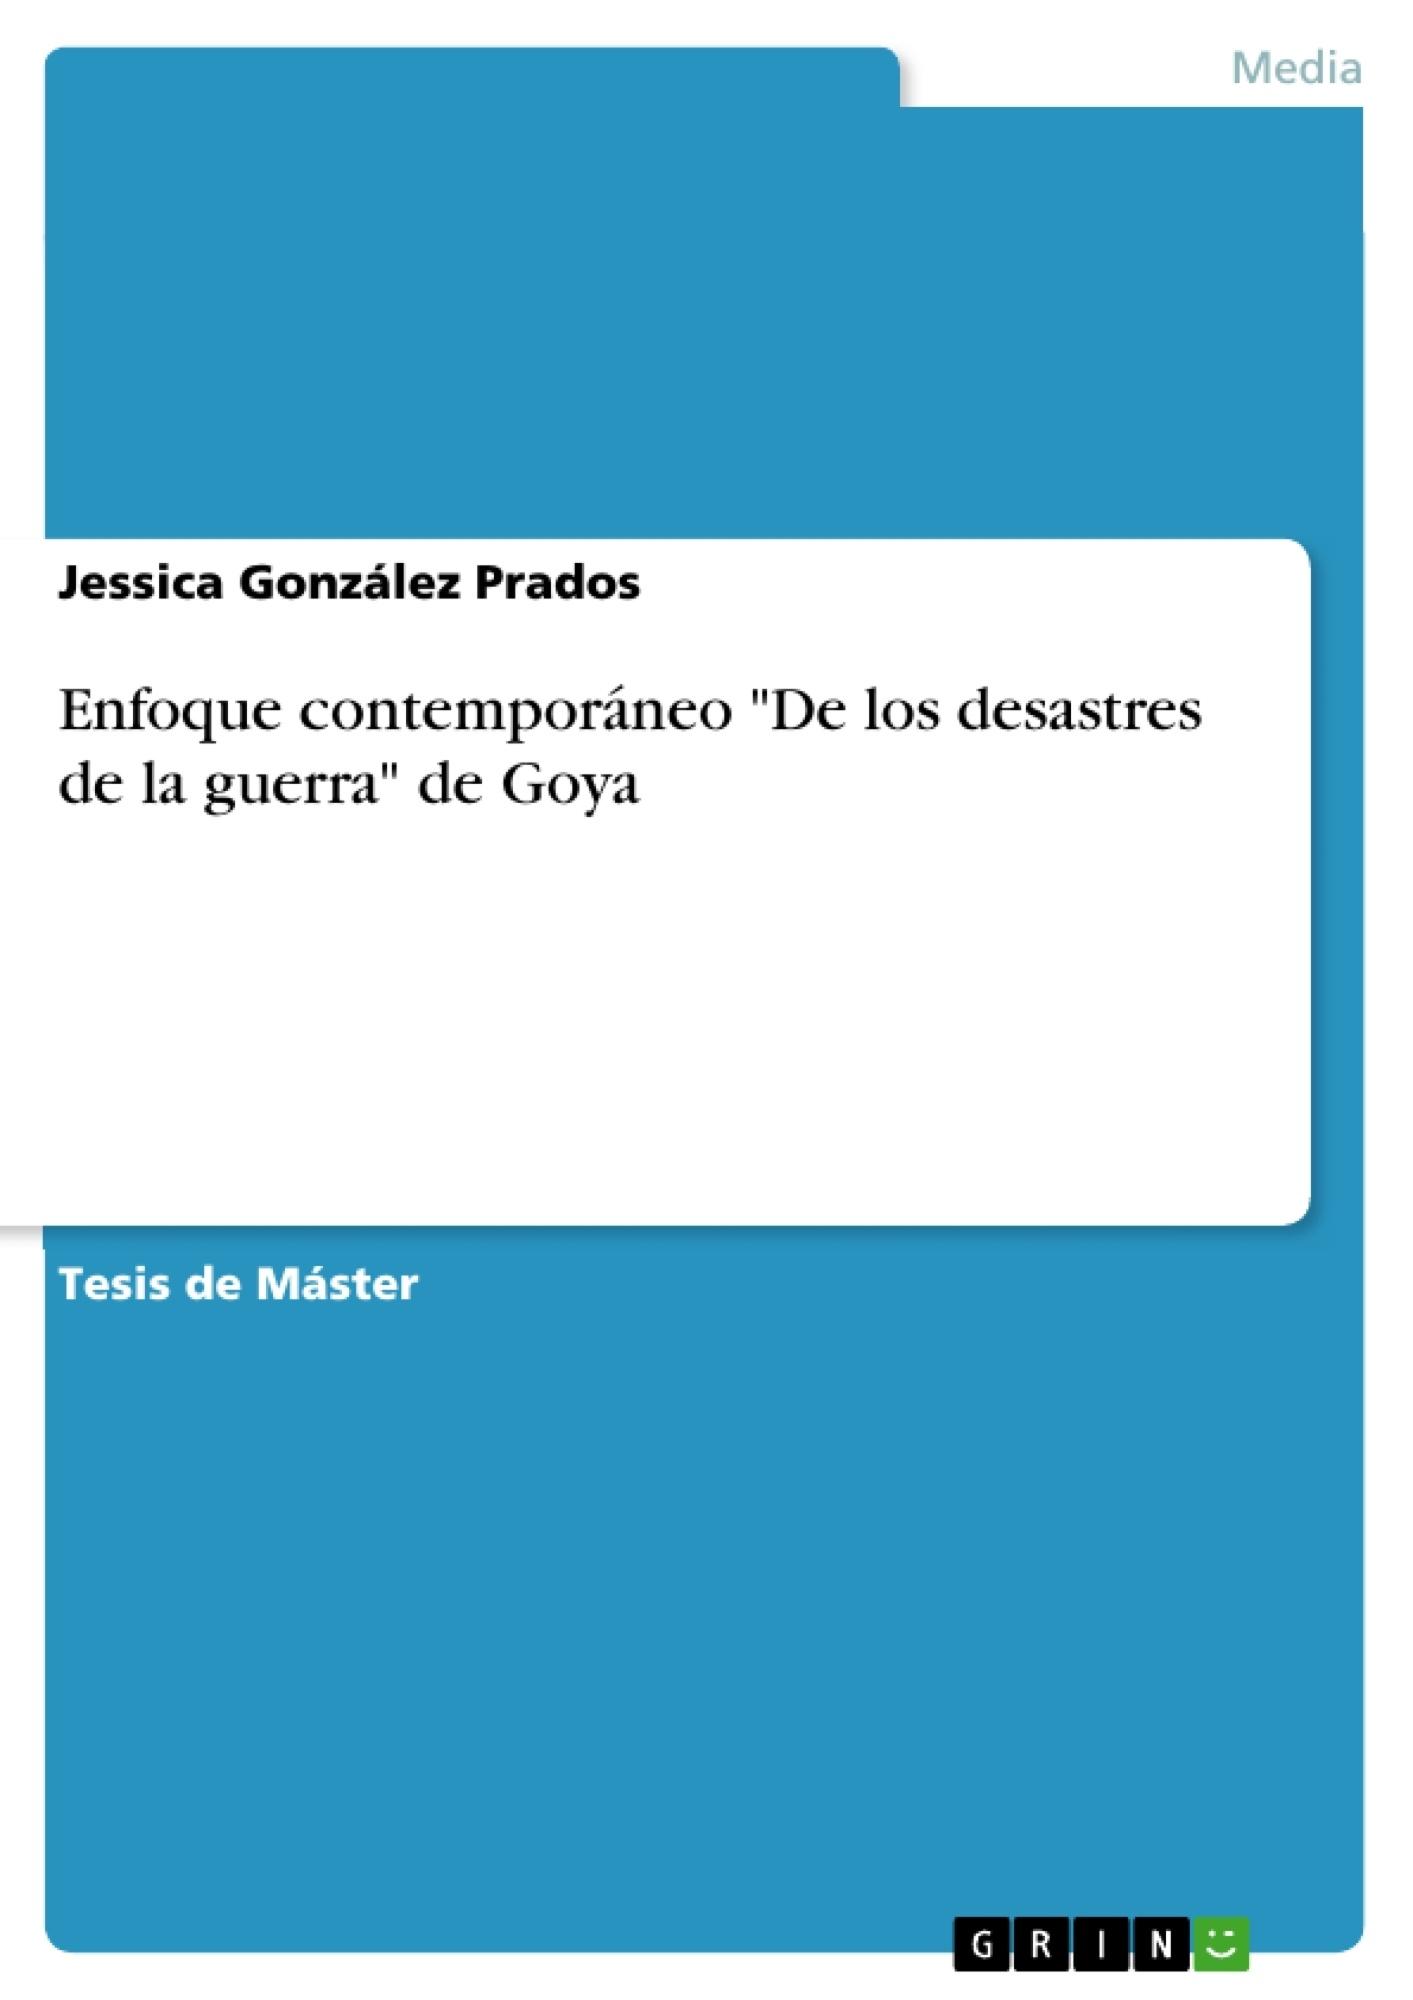 """Título: Enfoque contemporáneo """"De los desastres de la guerra"""" de Goya"""